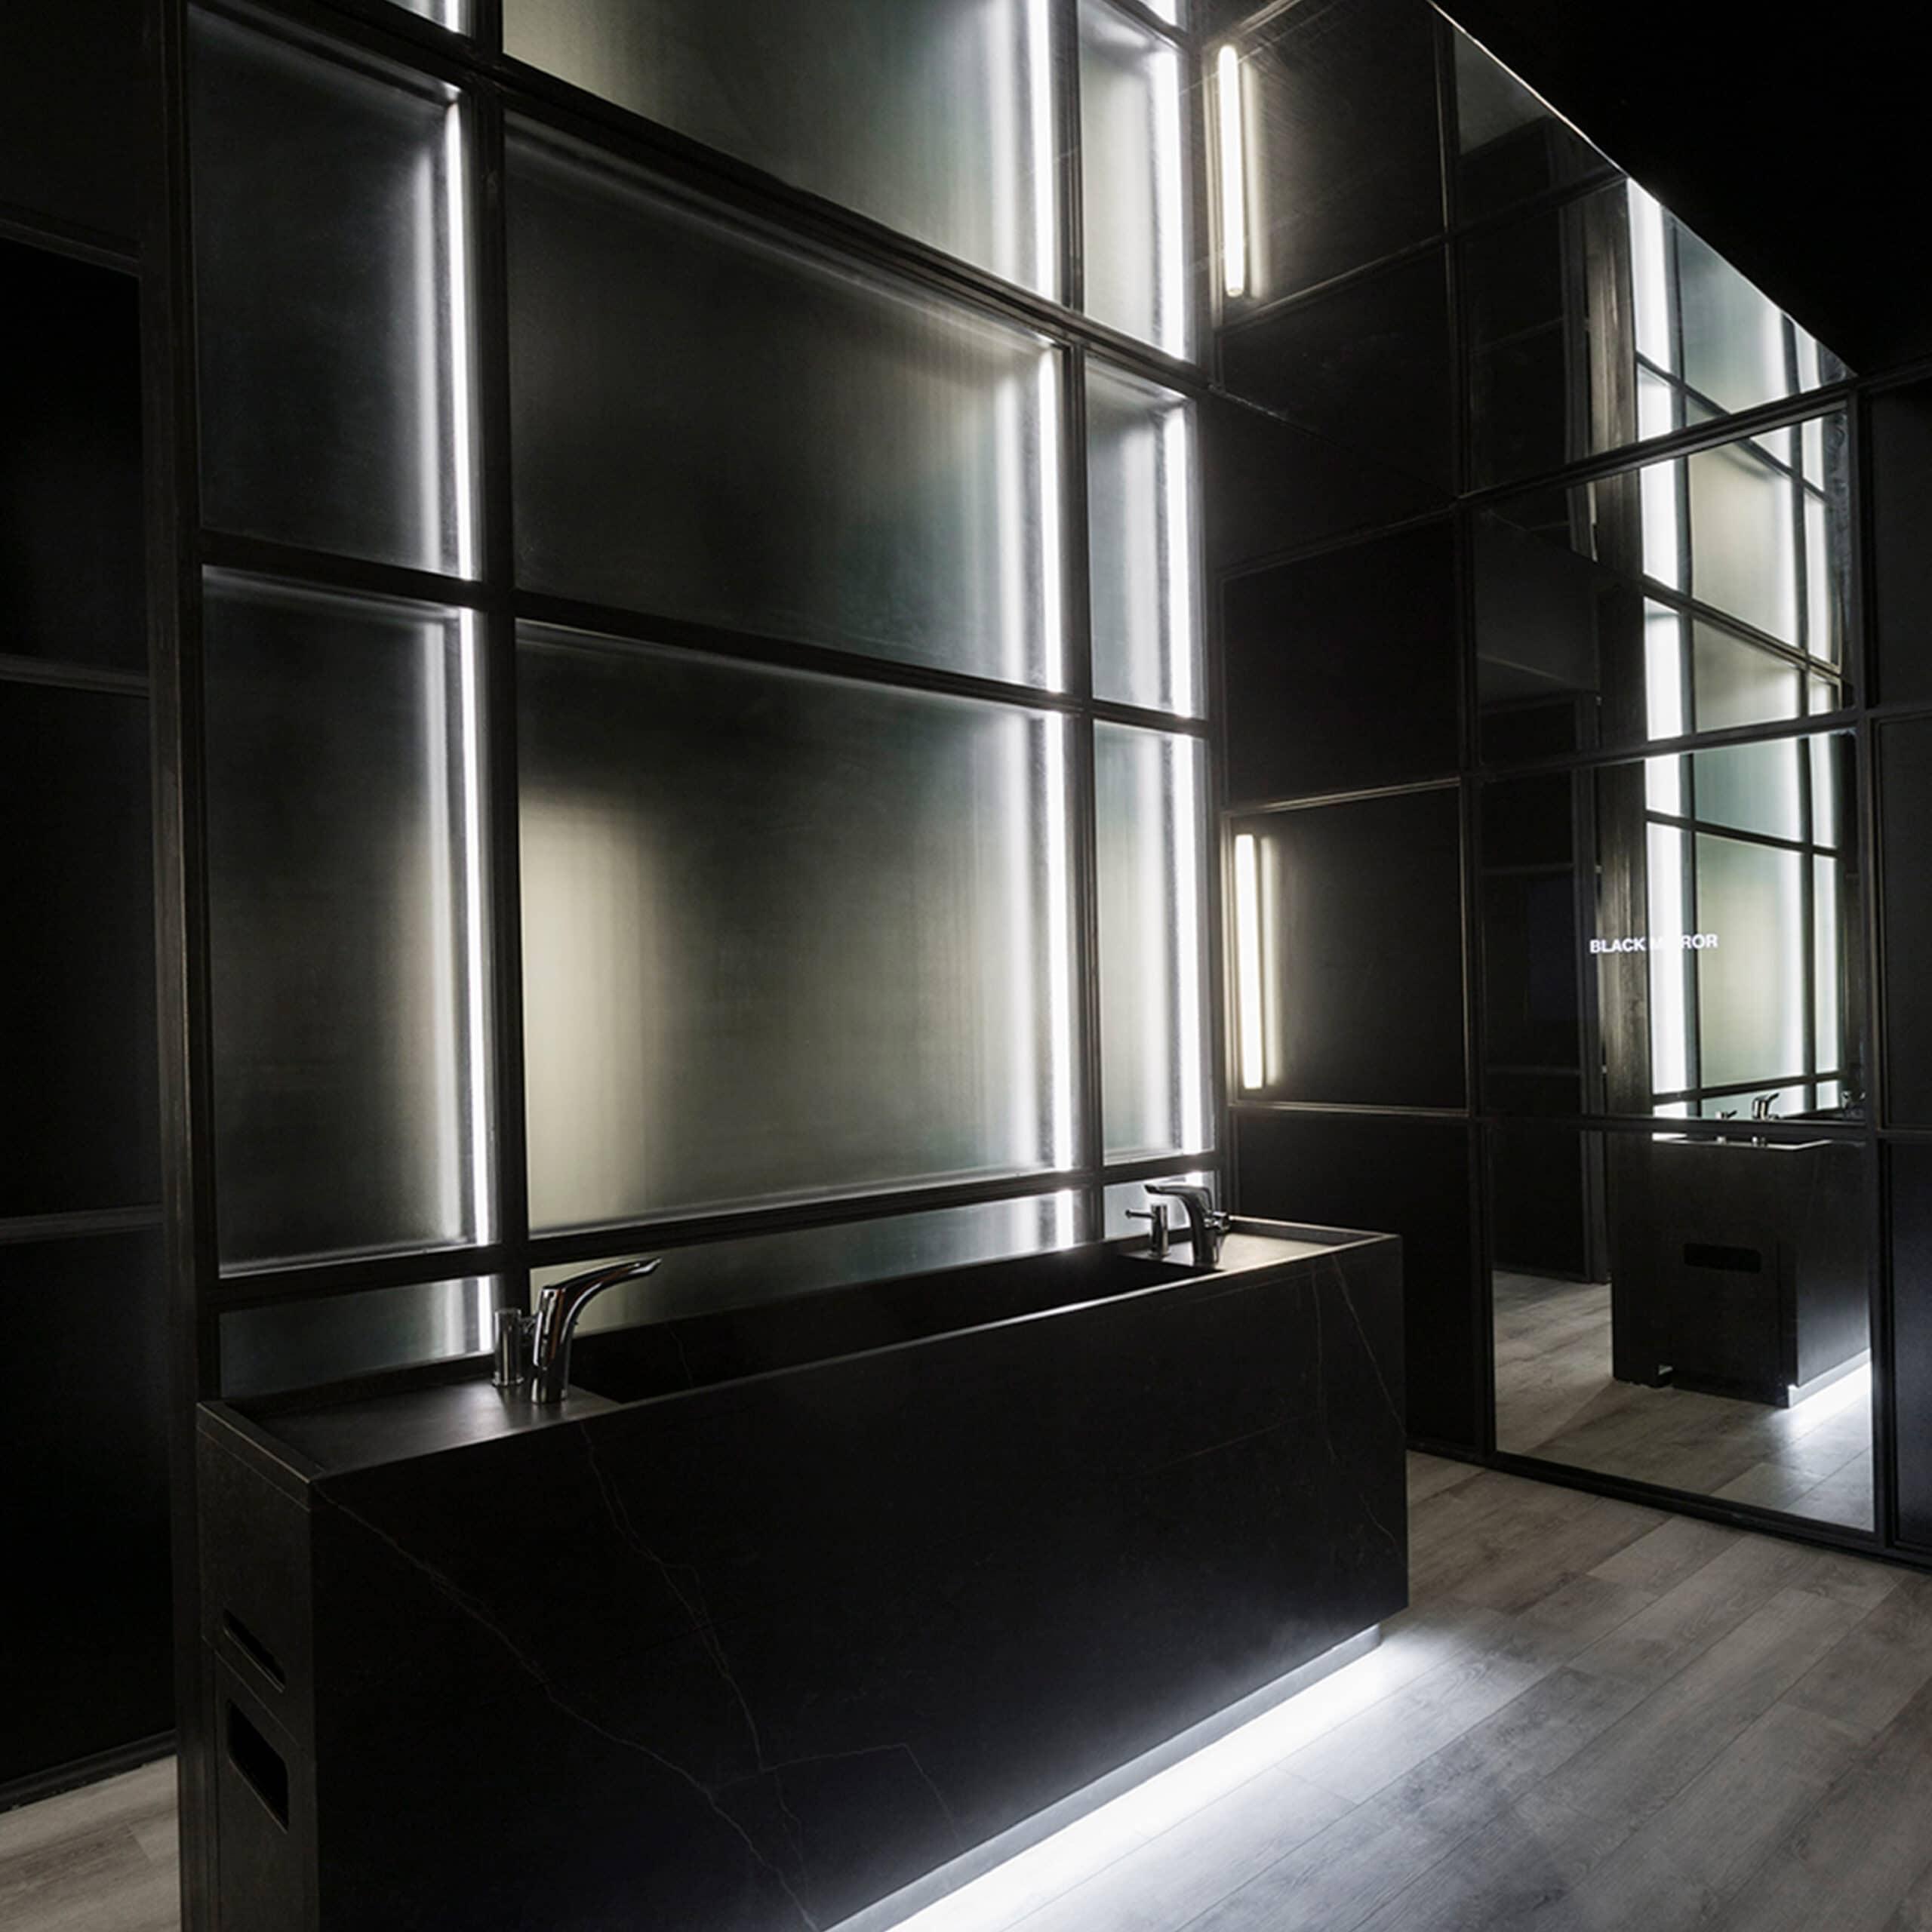 Romina Calzi Arquitectura interiorismo Casa foa 2018 Portfolio